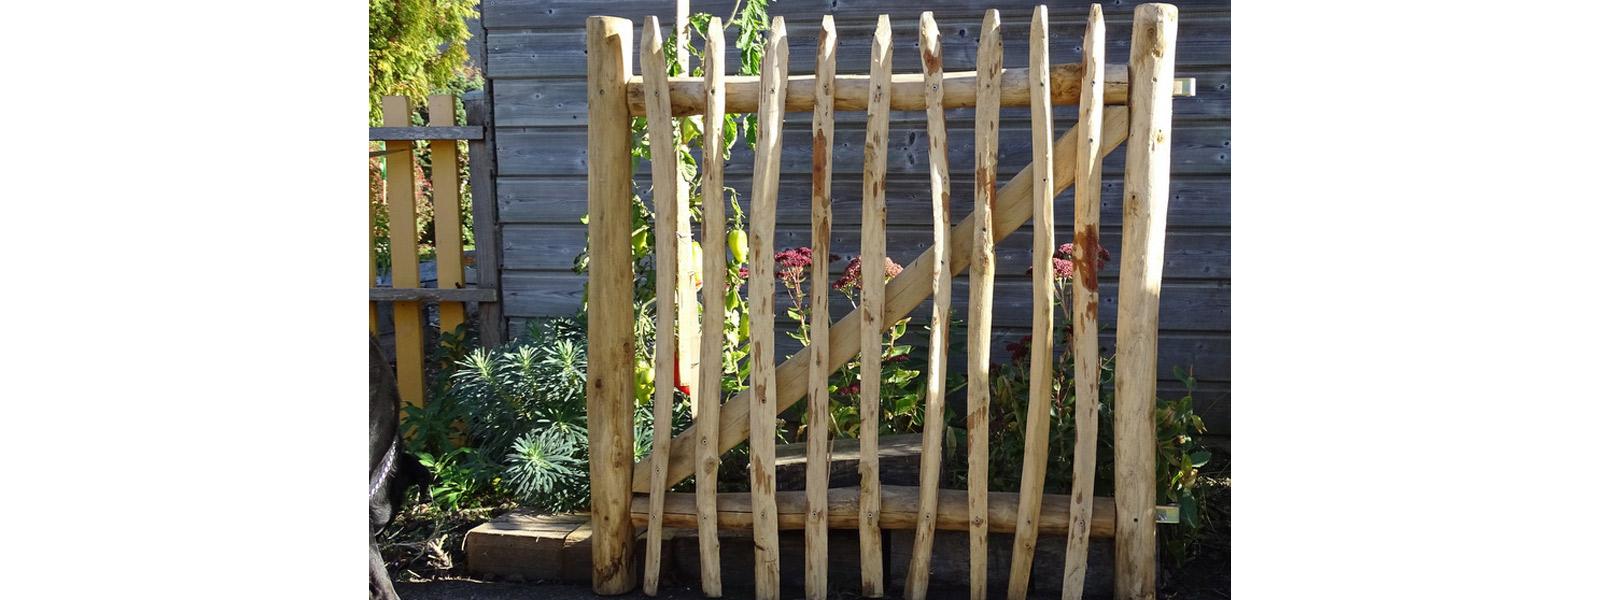 Portillons en bois de châtaignier - Création Bretagne Sarzeau